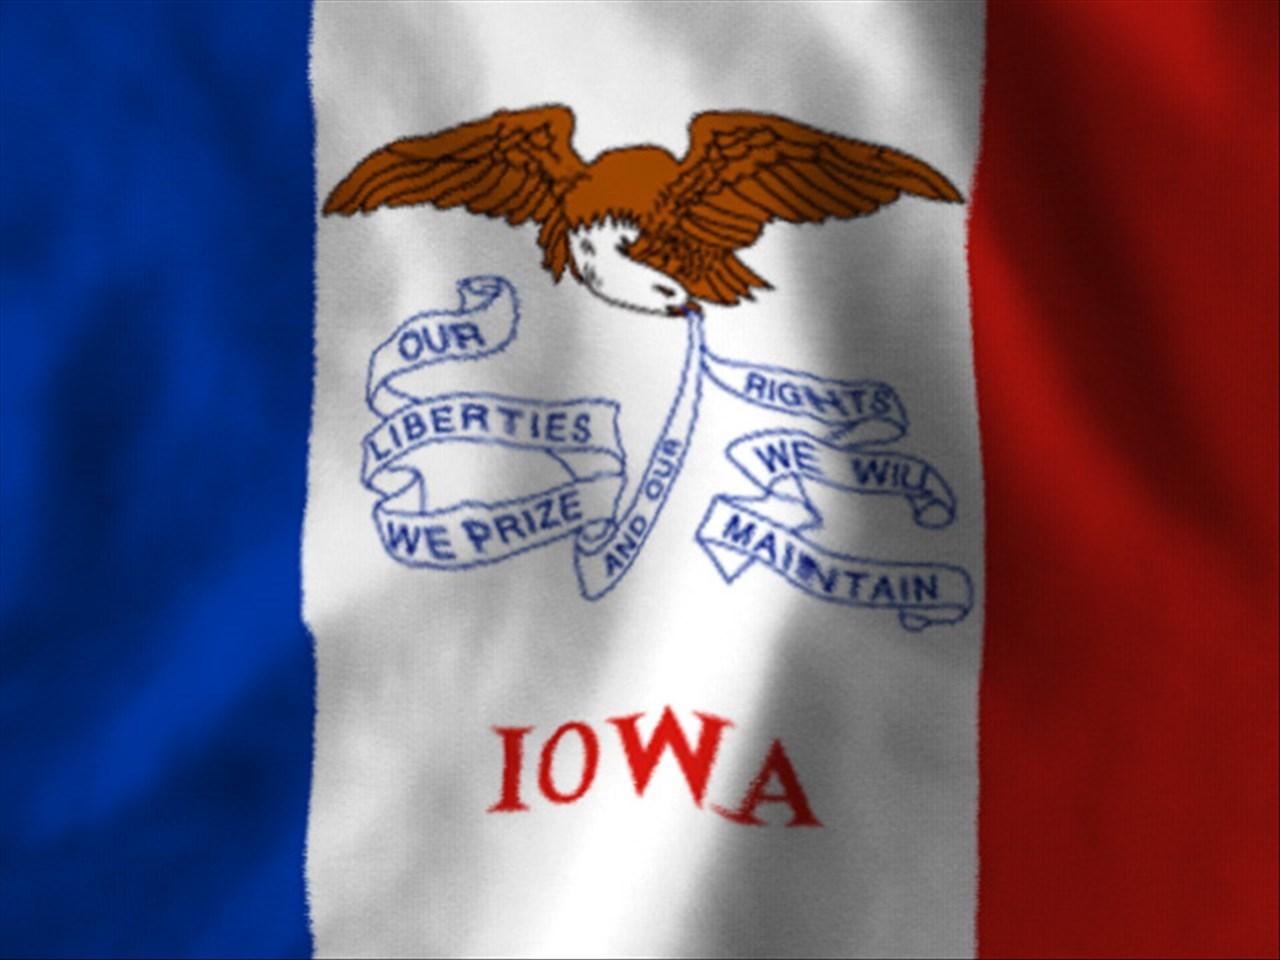 Iowa Flag_1543251574173.jpeg.jpg